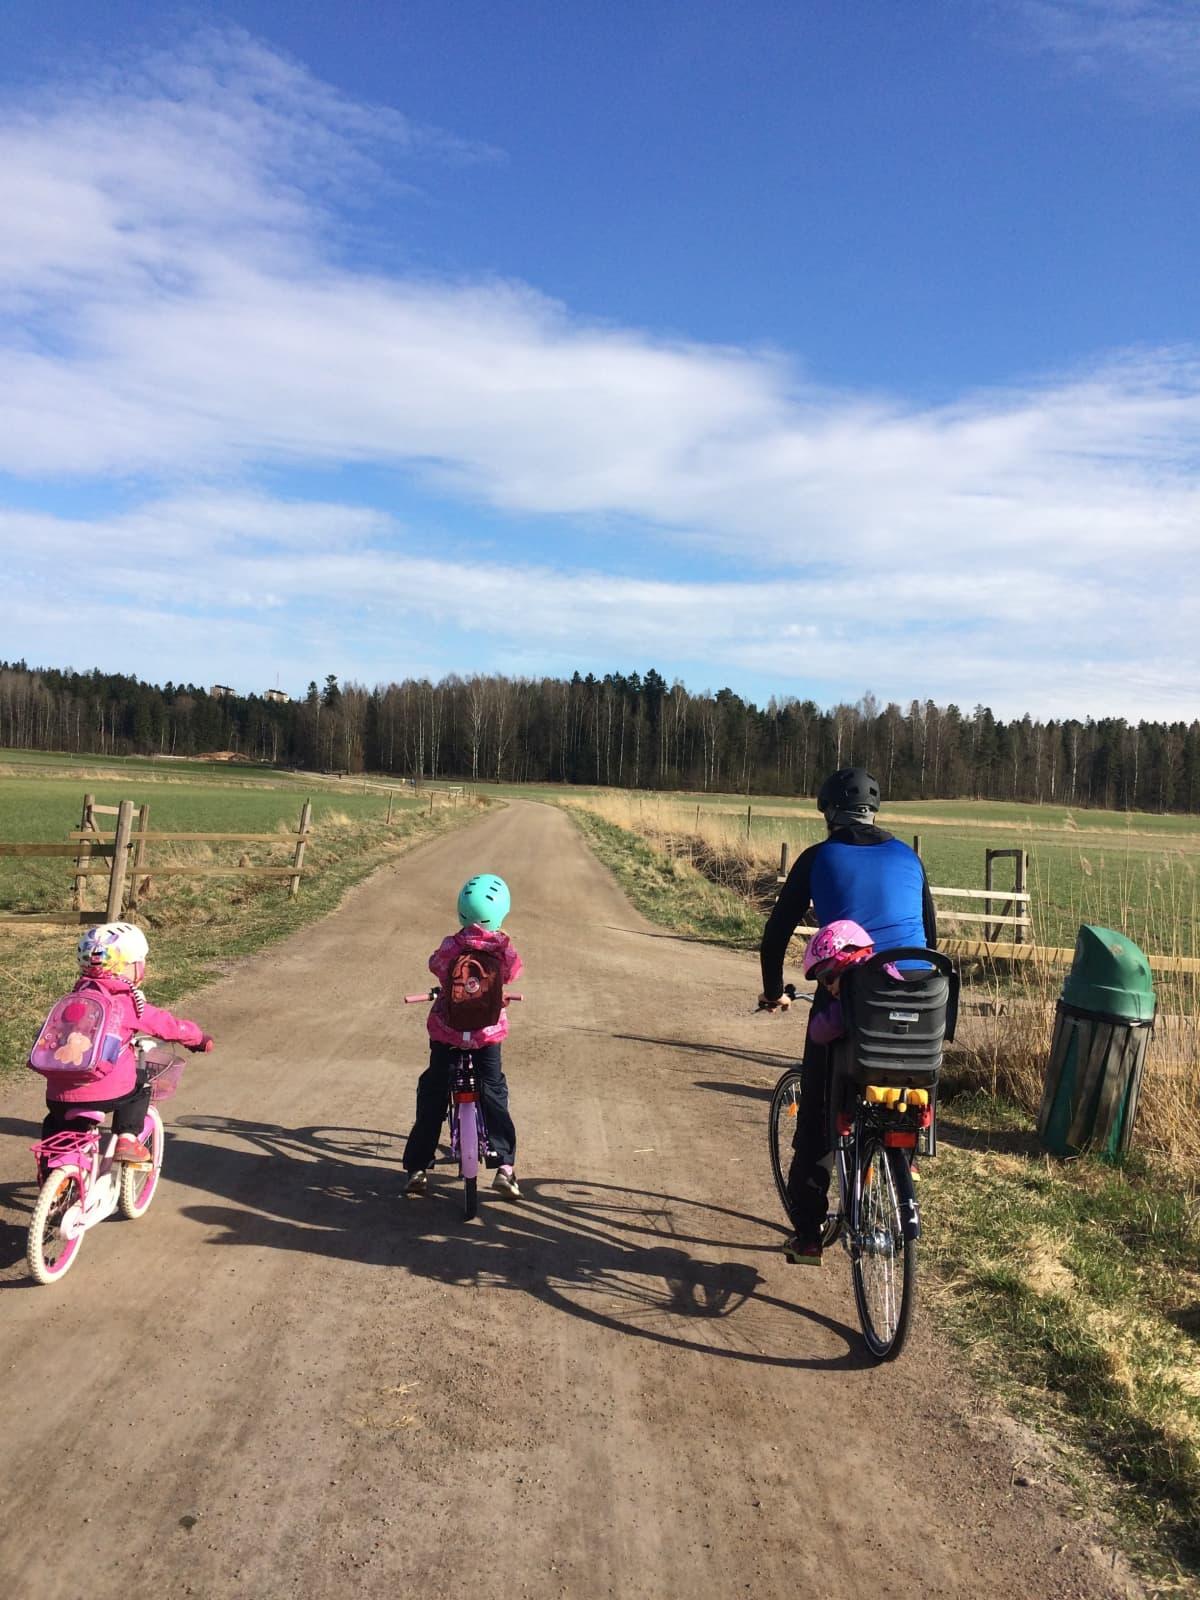 Isä ja kolme lasta pyöräretkellä.